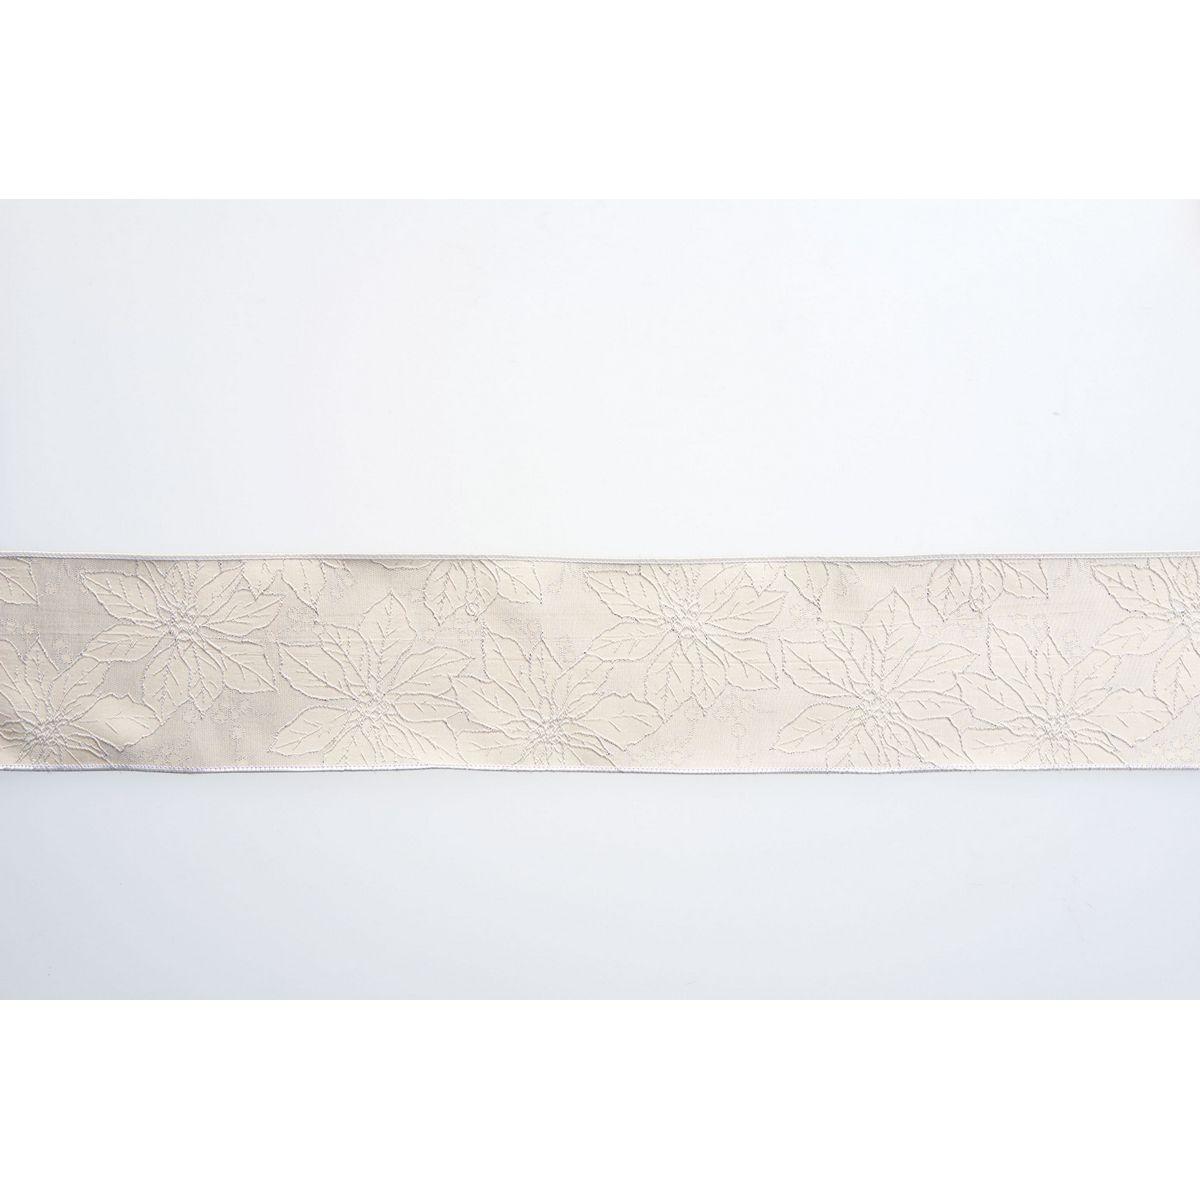 リボン シーズナルリボン クリスマスリボン アスカ ポインセチアジャガードリボン 公式ストア 01 取寄 ホワイト 価格交渉OK送料無料 AX60054-1